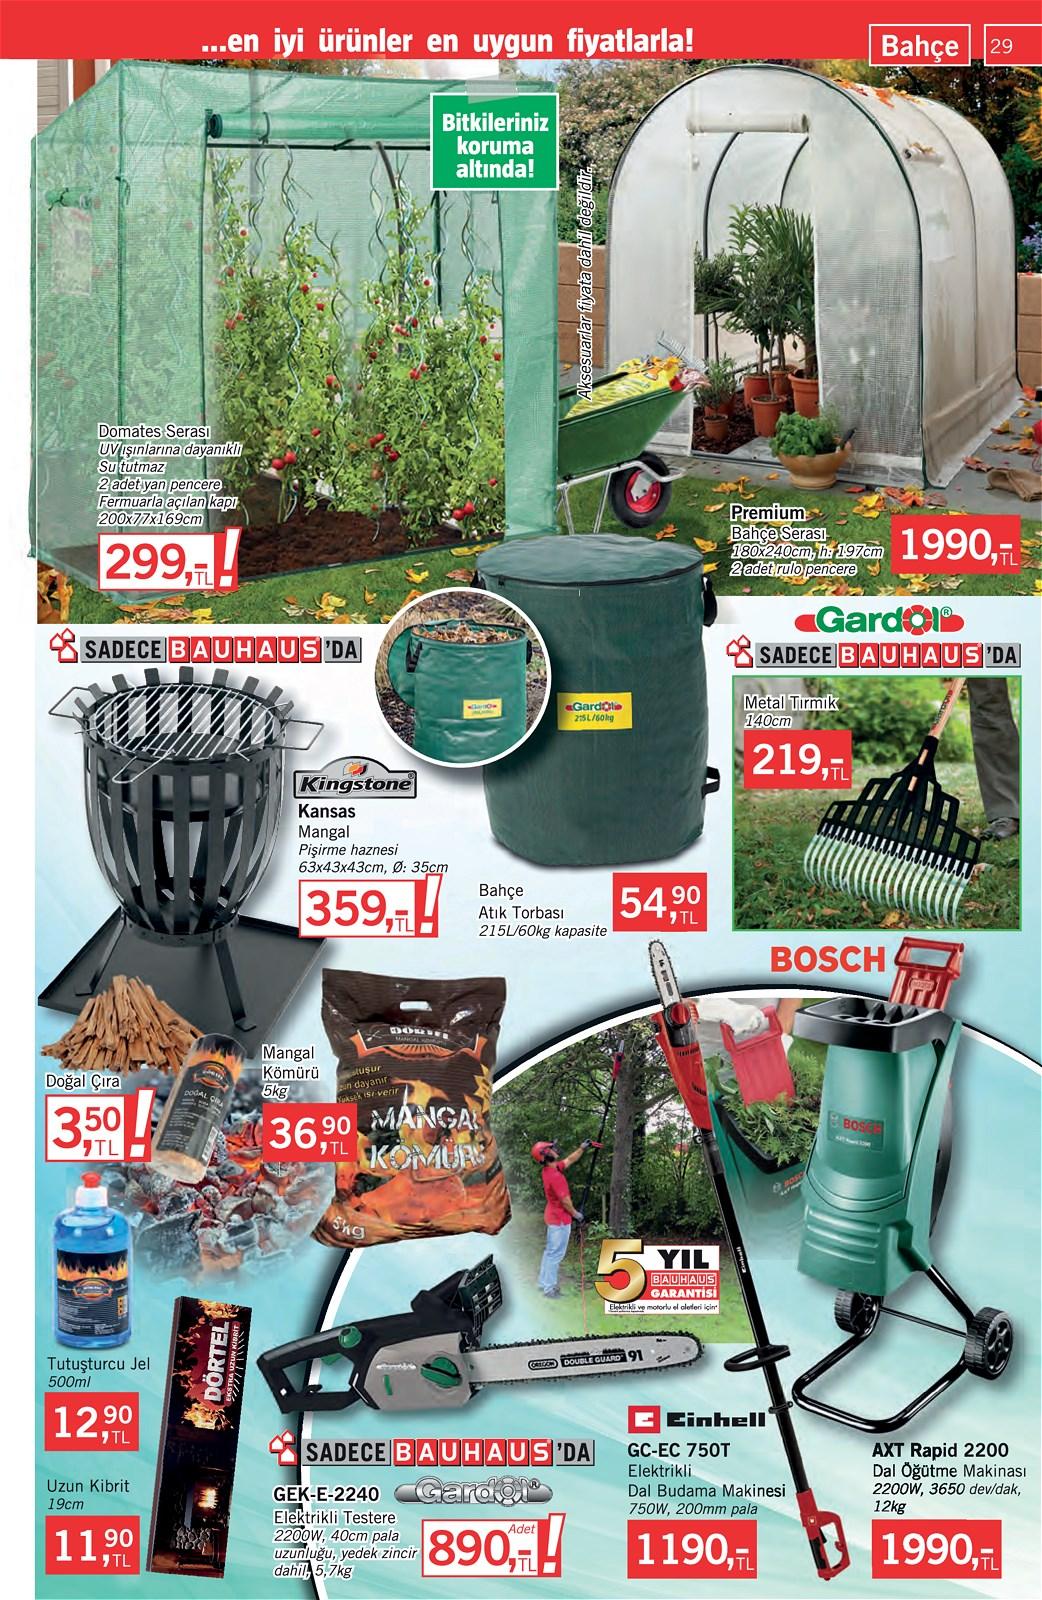 25.09.2021 Bauhaus broşürü 29. sayfa